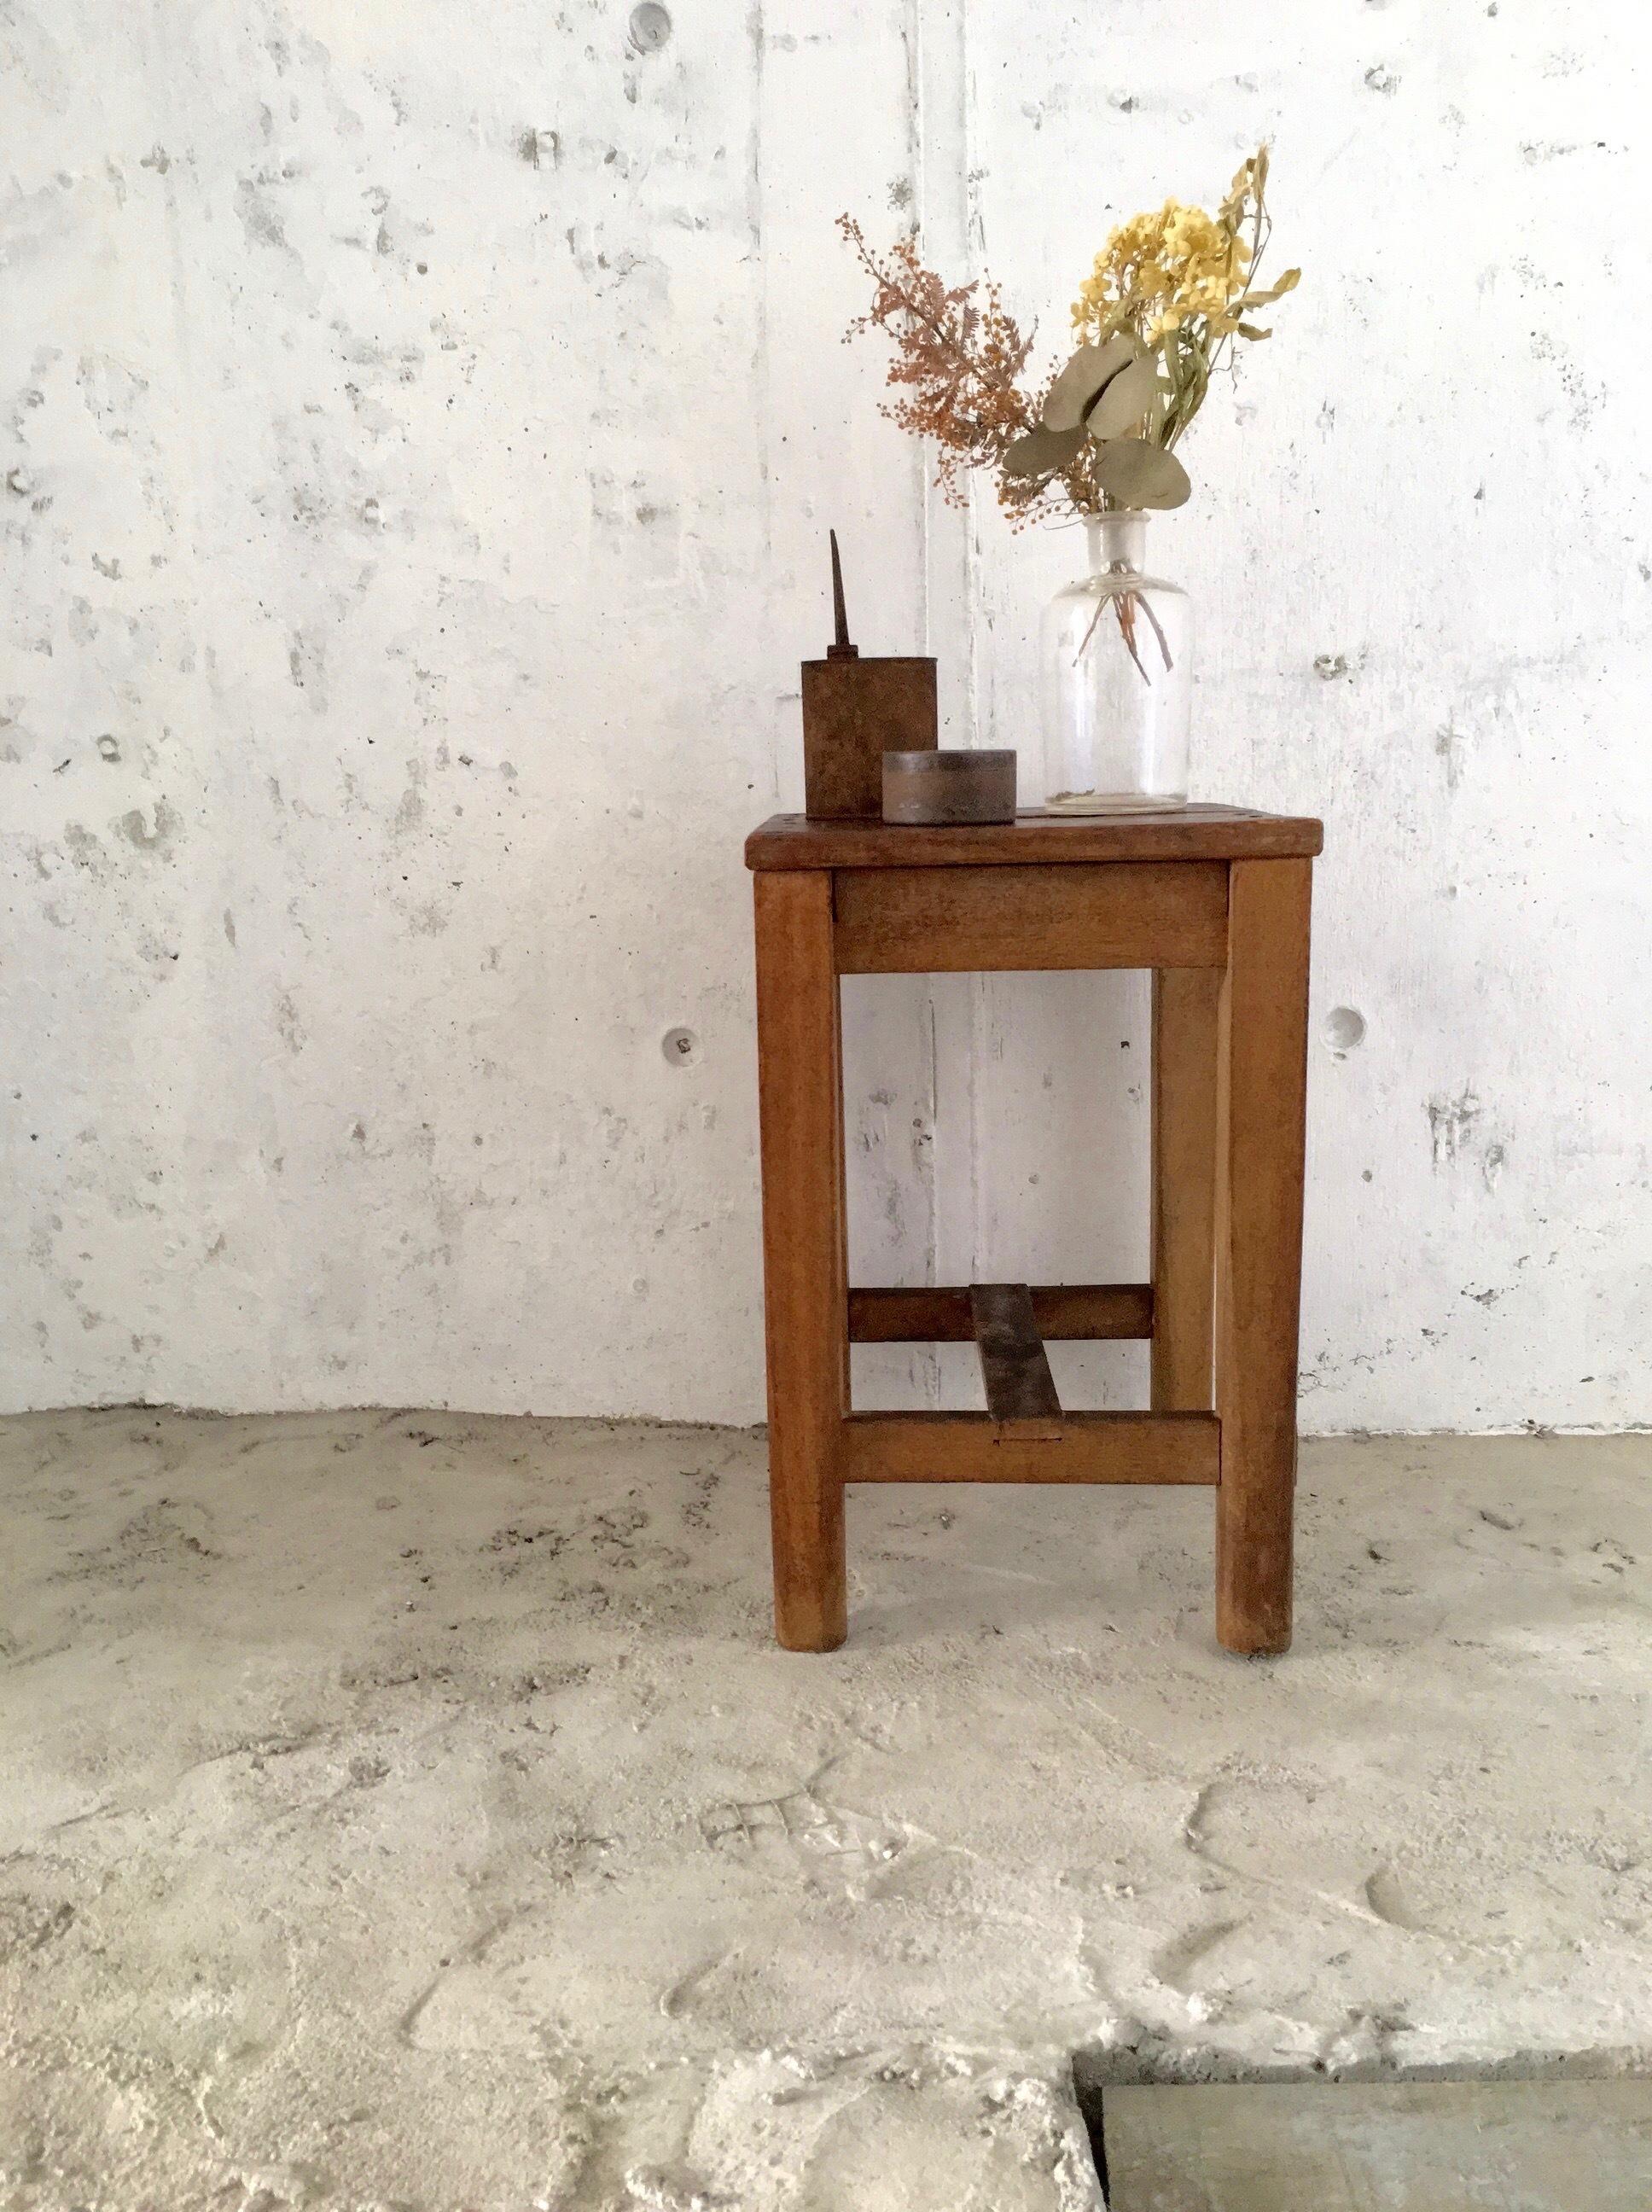 木製の四角いスツール[古家具]